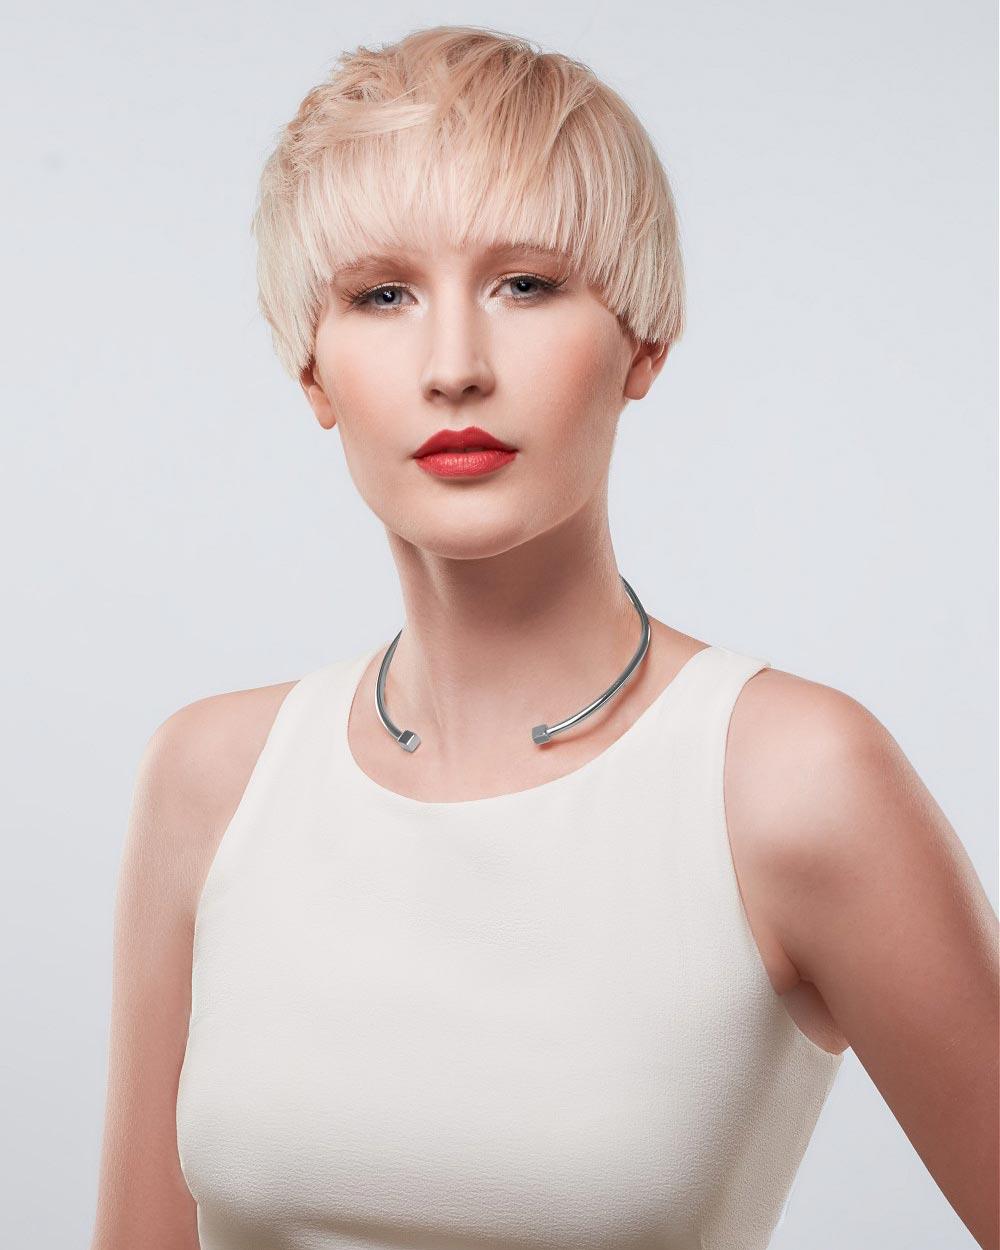 Androgynní účes jako letní střih vlasů pro ženy každého věku. (Team Sam Villa, léto 2015)